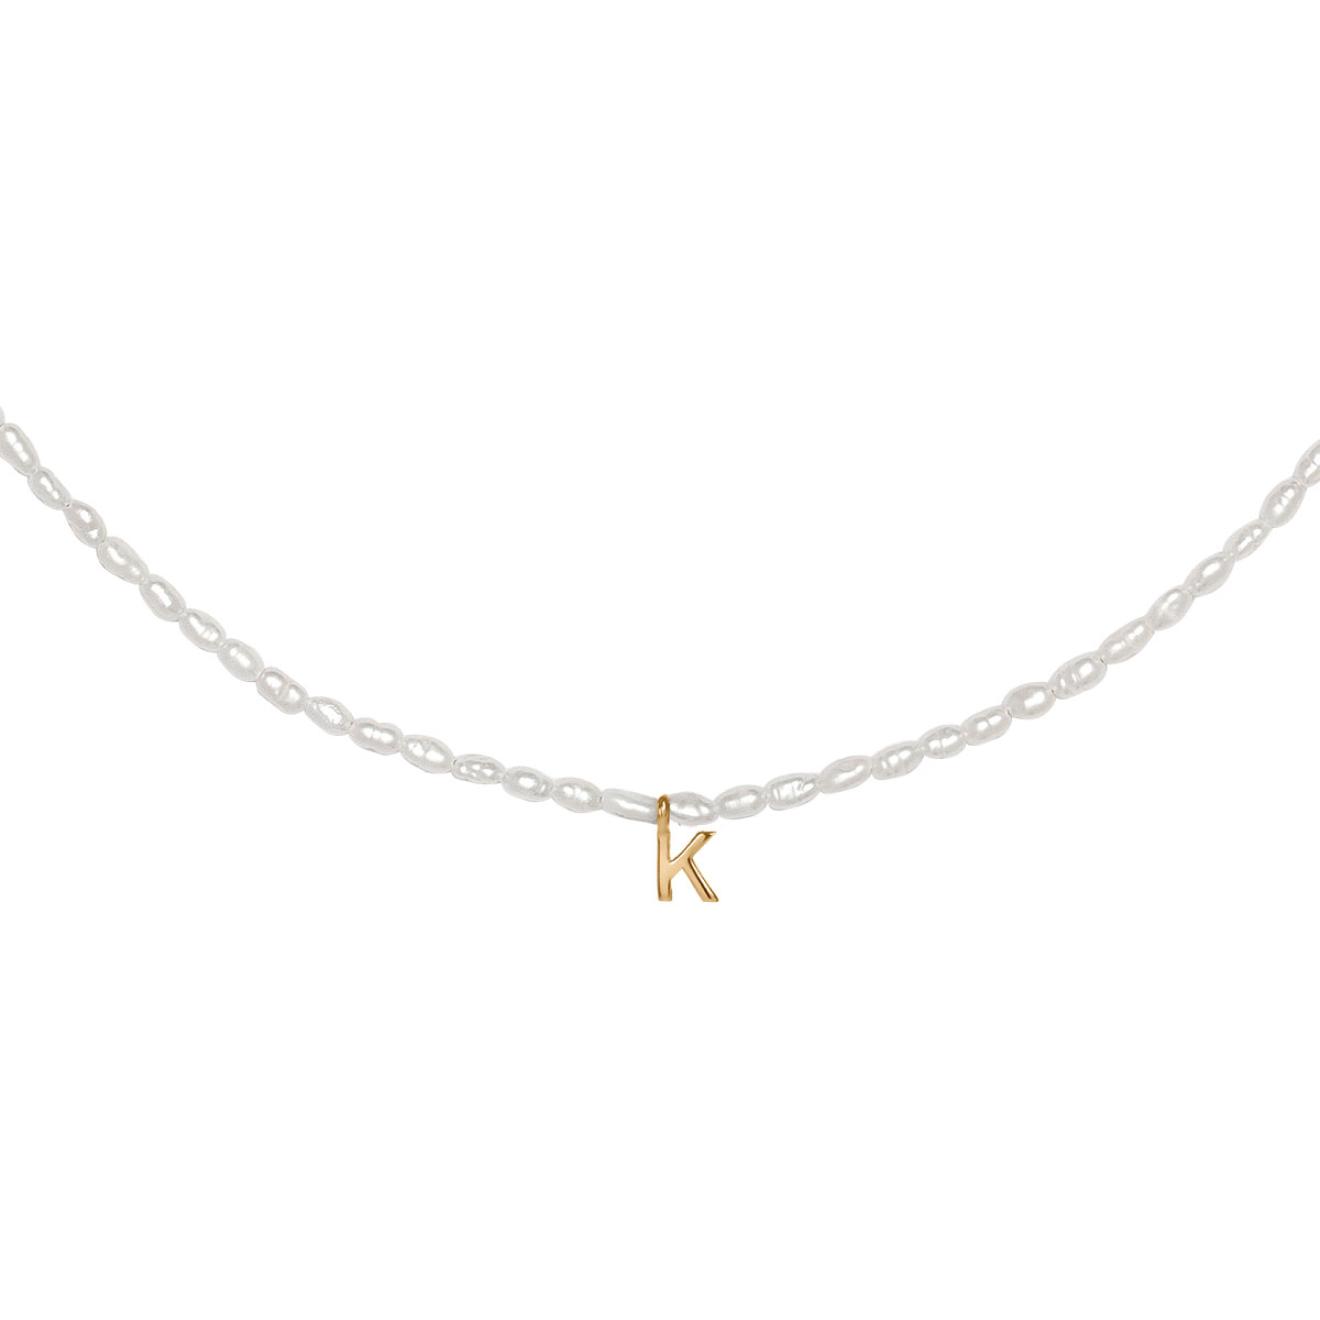 Фото - Ringstone Жемчужное ожерелье из серебра с позолоченной буквой K ringstone жемчужное ожерелье с буквой s ringstone